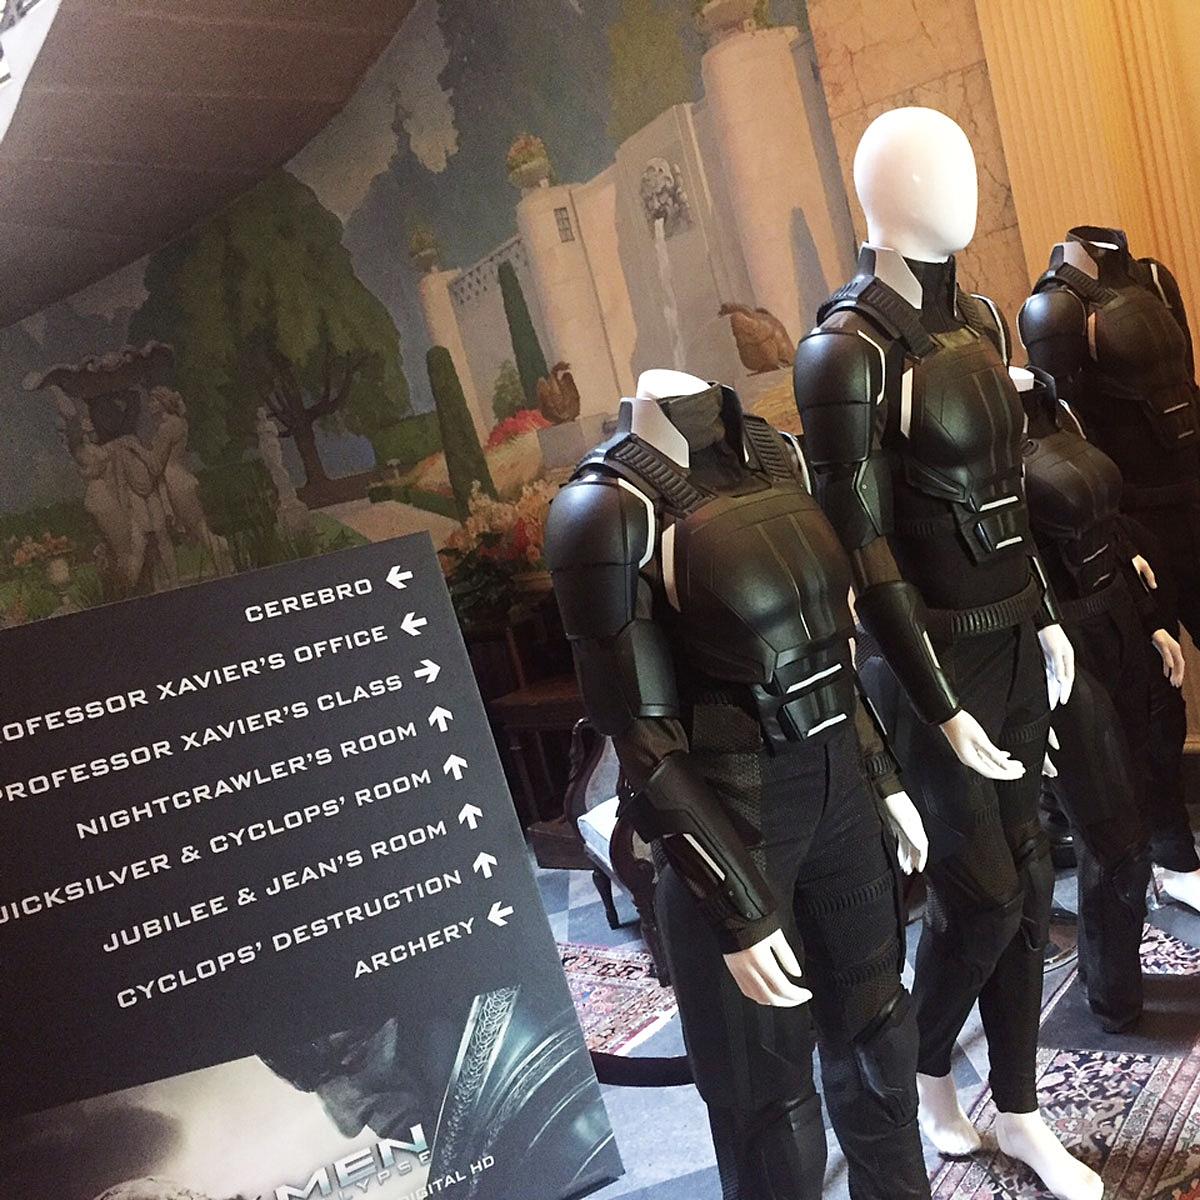 x-men-fan-experience-costumes.jpg